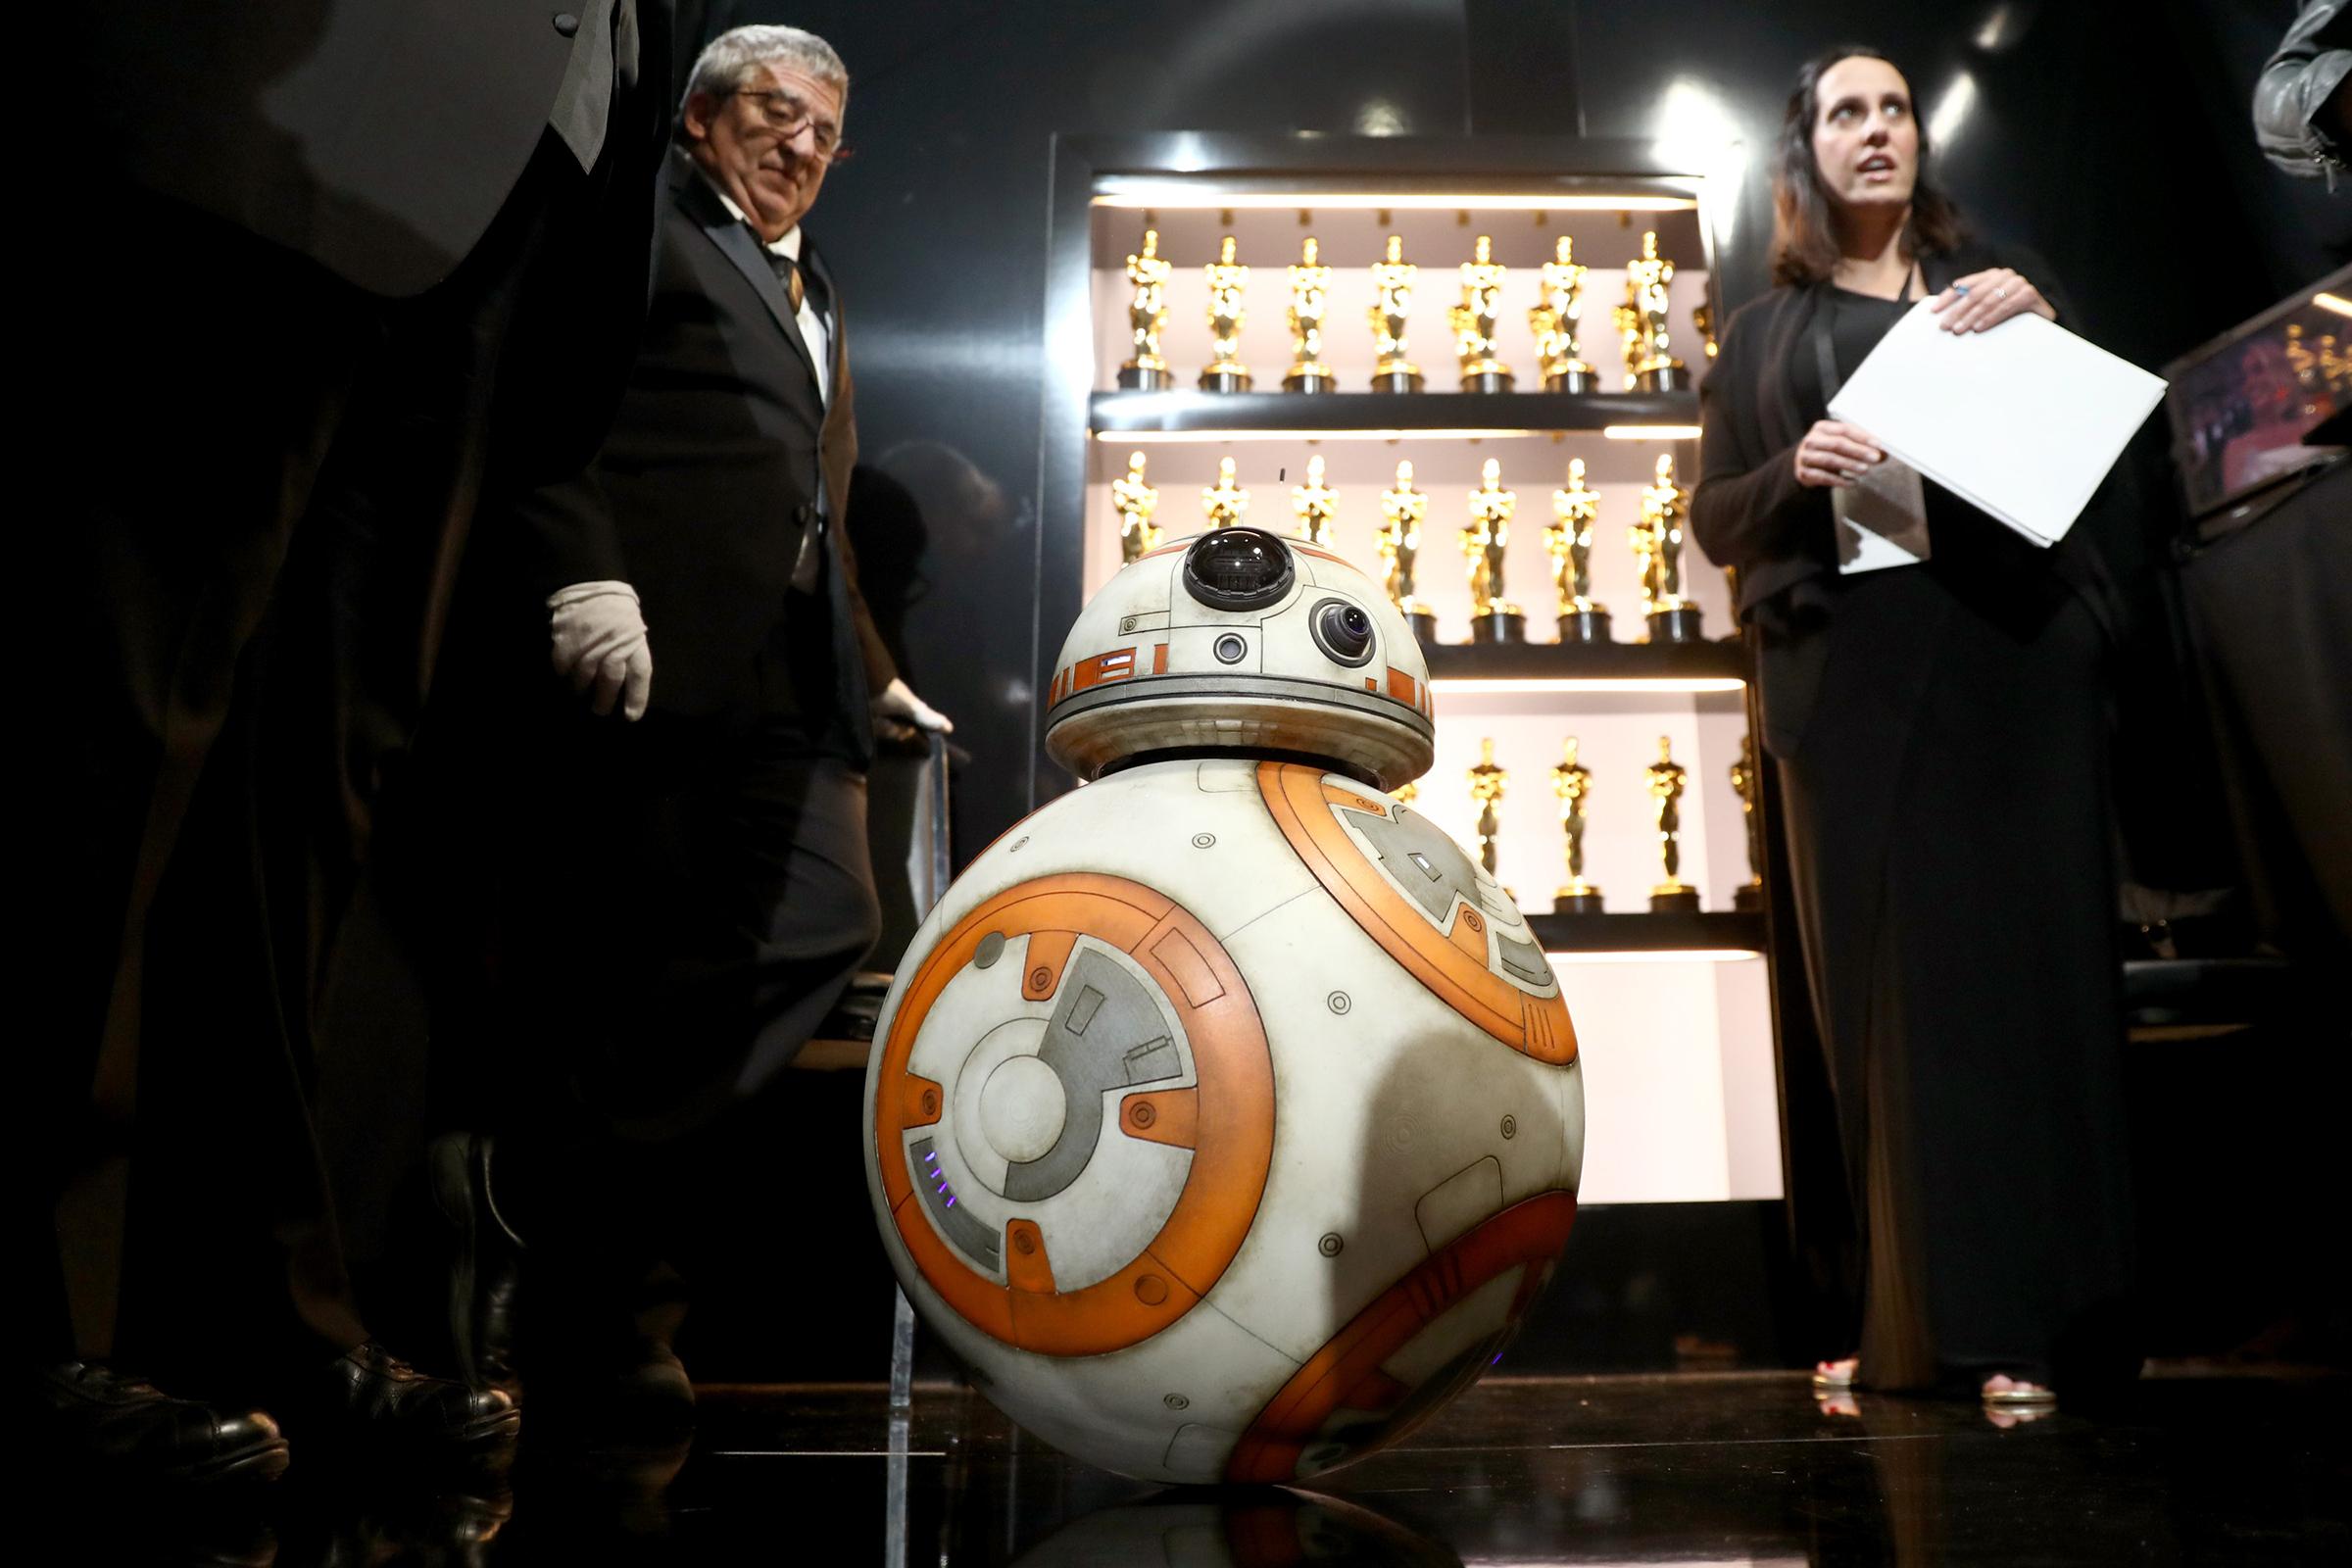 Во время объявления победителя в номинации «Лучший короткометражный анимационный фильм» на сцене вместе с актерами из «Звездных войн» Марком Хэмиллом, Оскаром Айзеком и Келли Мари Трэн появился еще один персонаж киносаги — дроид BB-8.